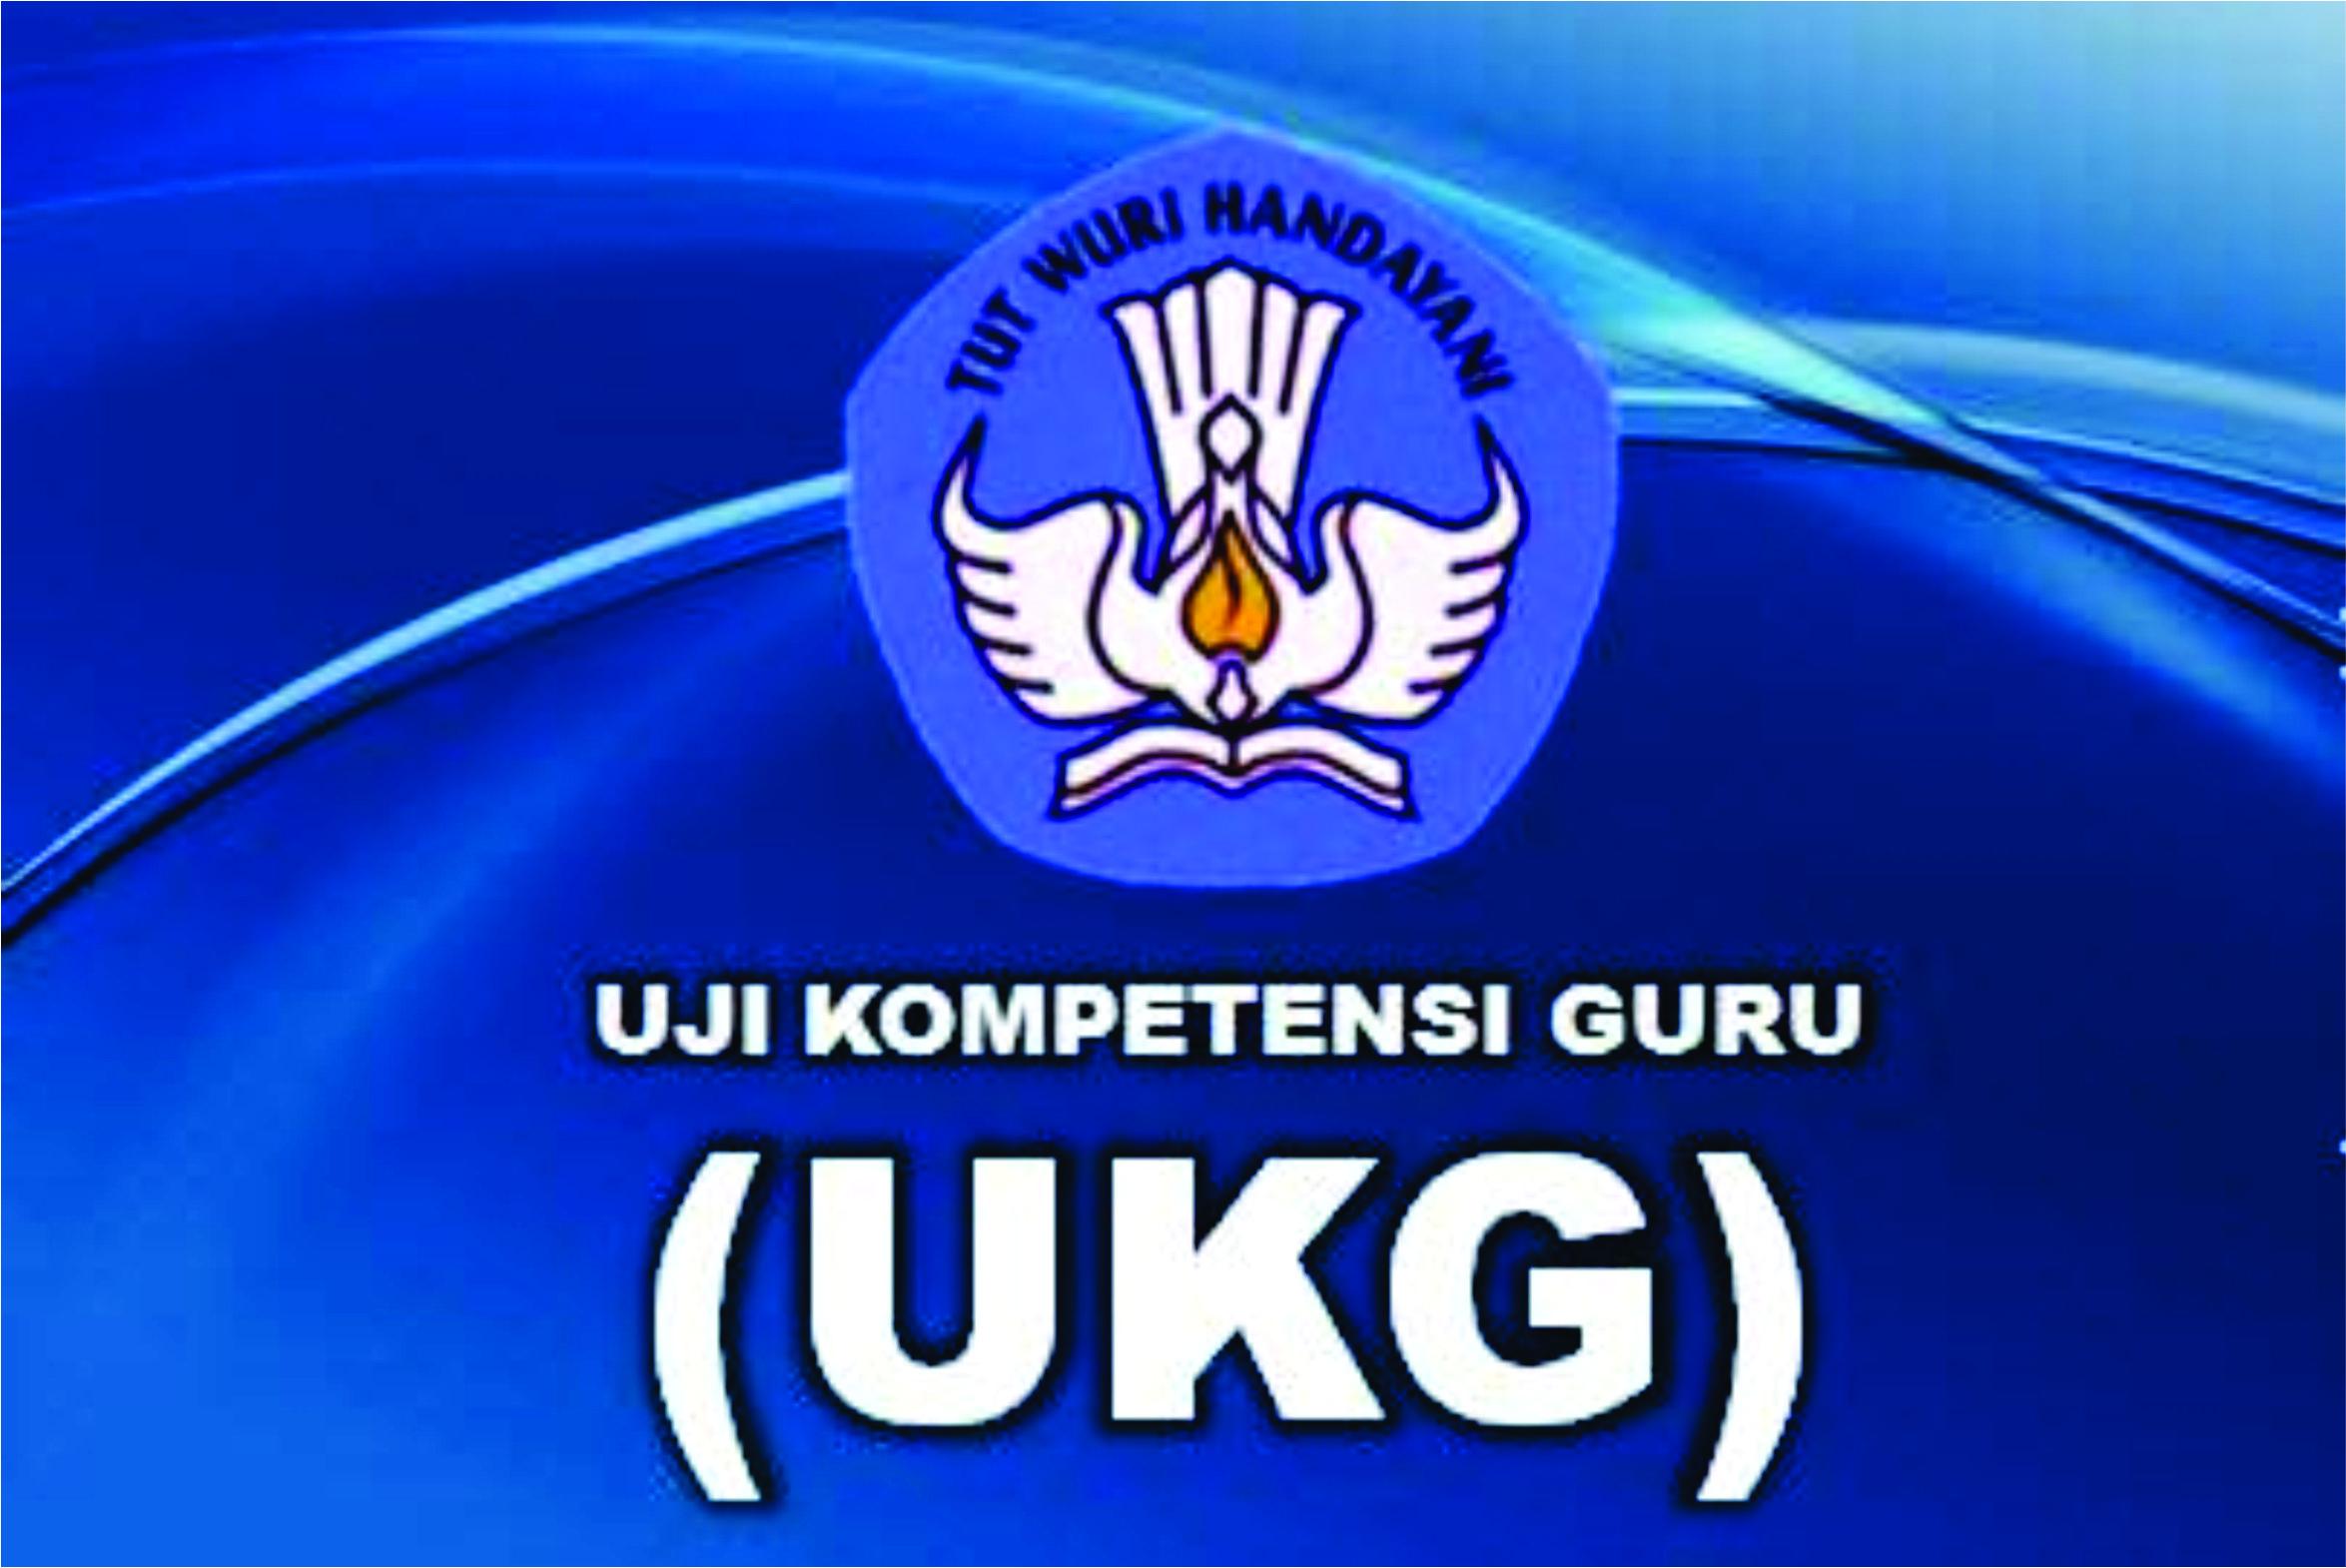 Ra7a Bakbudik Download Gratis Kumpulan Paket Soal Latihan Ukg Terbaru